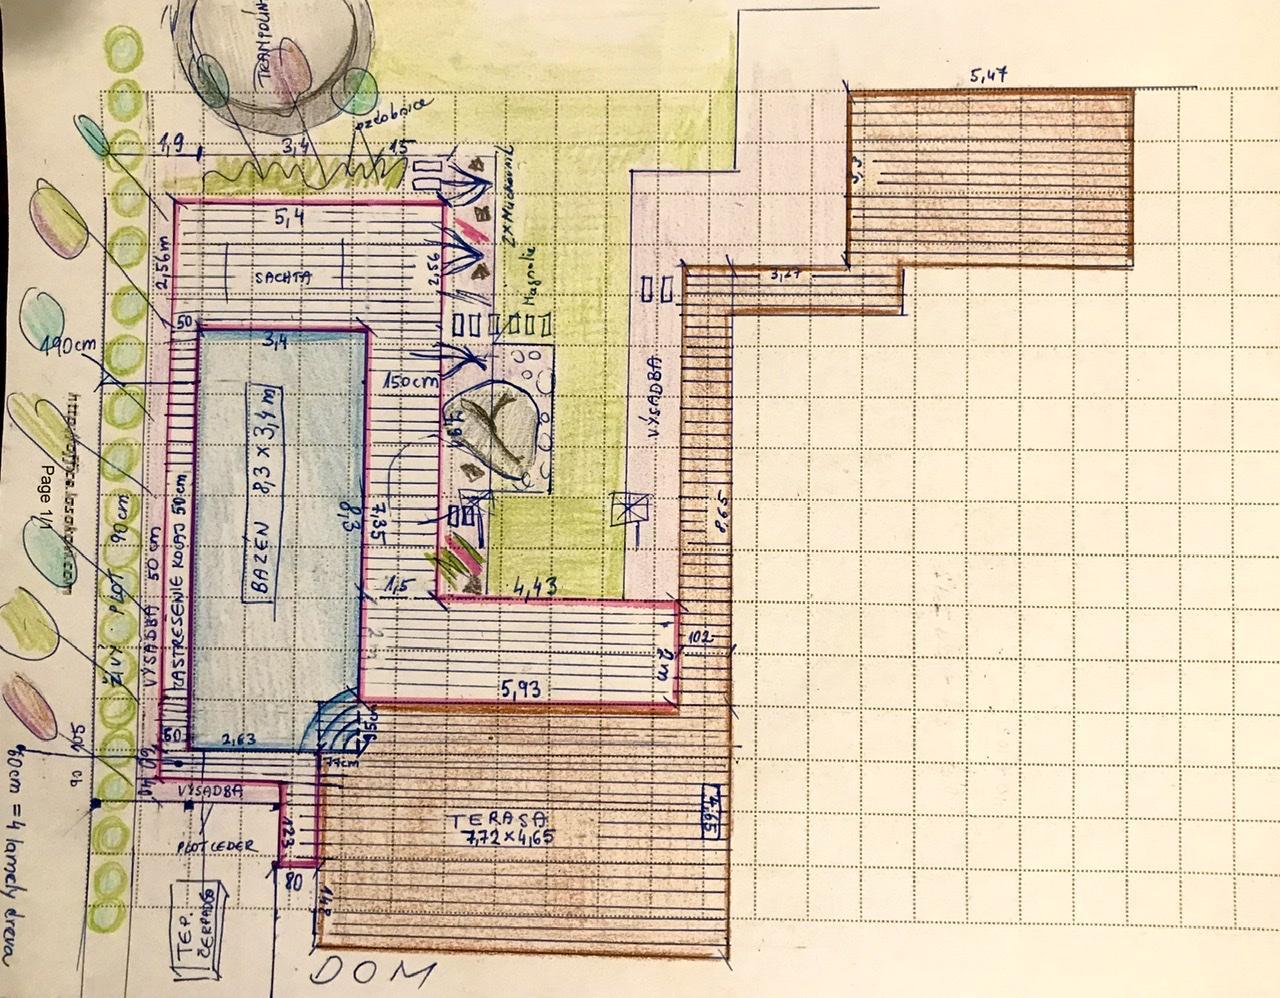 Naše L-ko - 2021 - stále dokončujeme - Bazén - posledné domeranie a rozkres novej terasovej zóny (nevyfarbená časť okolo bazéna).  Hnedá čast je súčasná terasová plocha okolo domu. Svetlá časť sa tento rok bude ku bazénu realizovať. Bazén bude obklopený zeleňou. Za mesiac ho dovezú